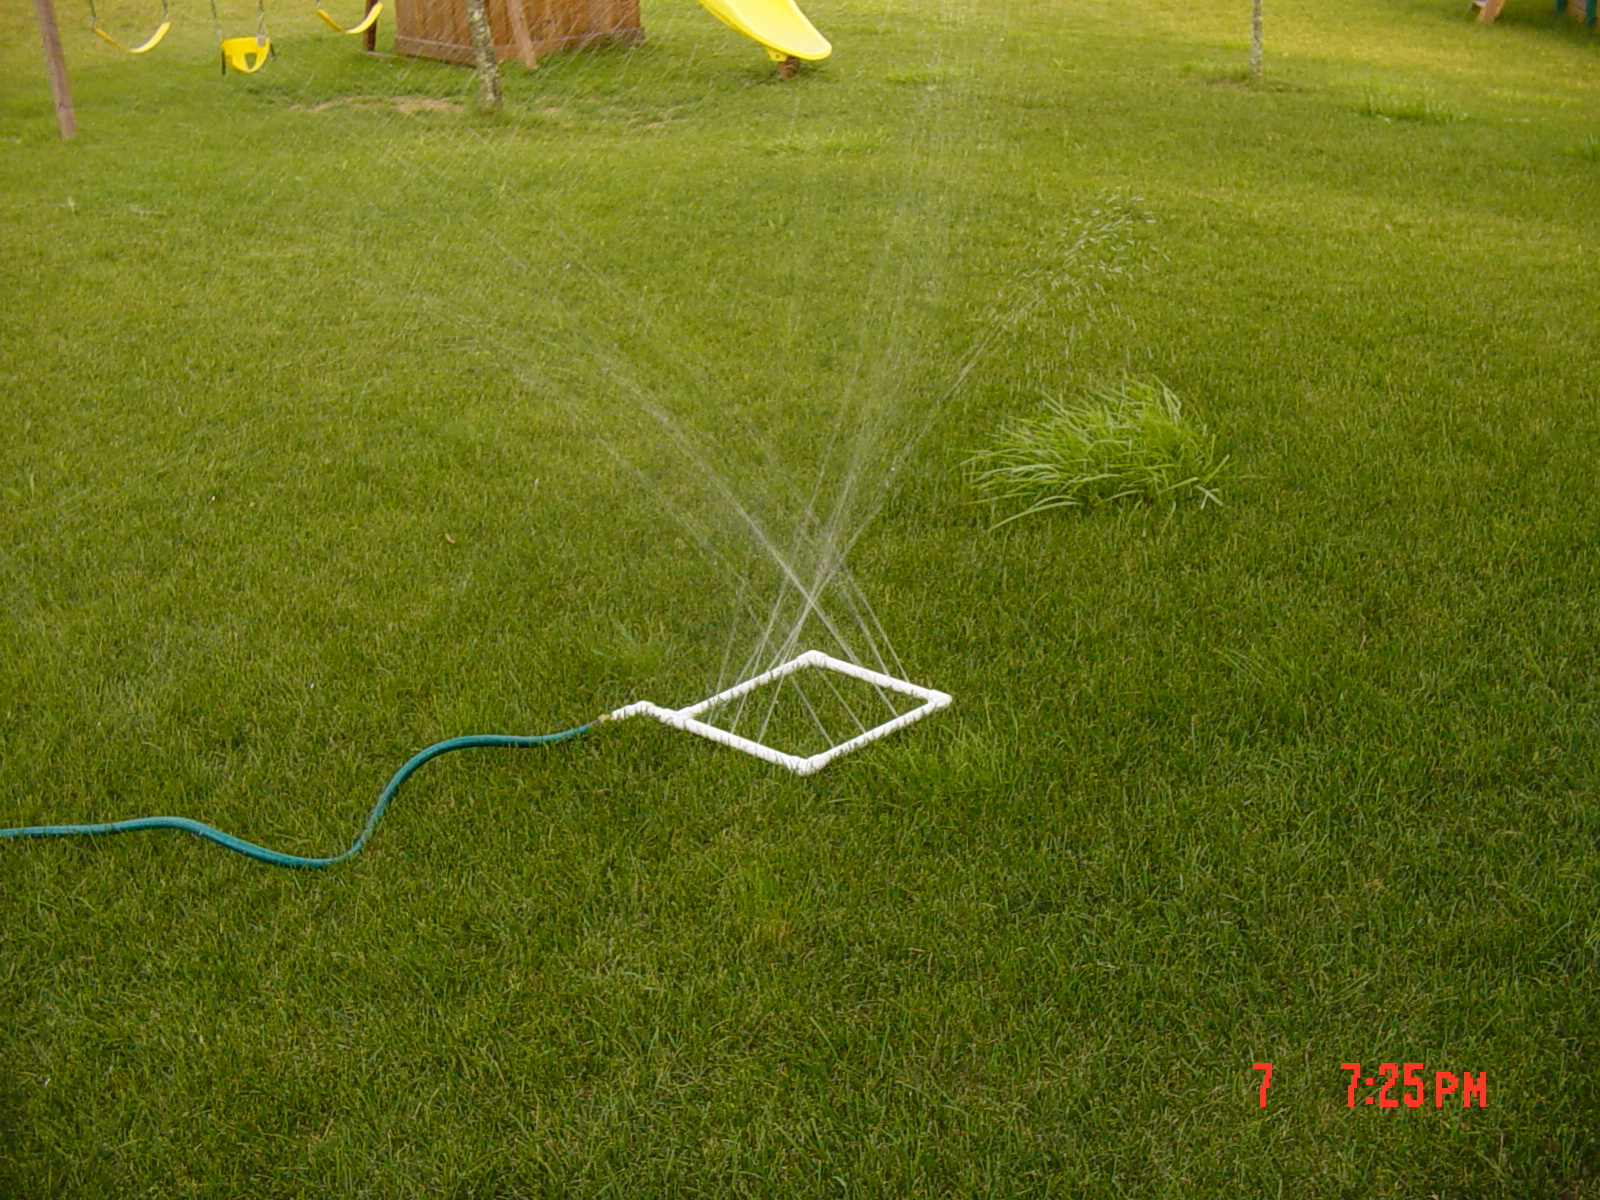 Homemade water sprinkler